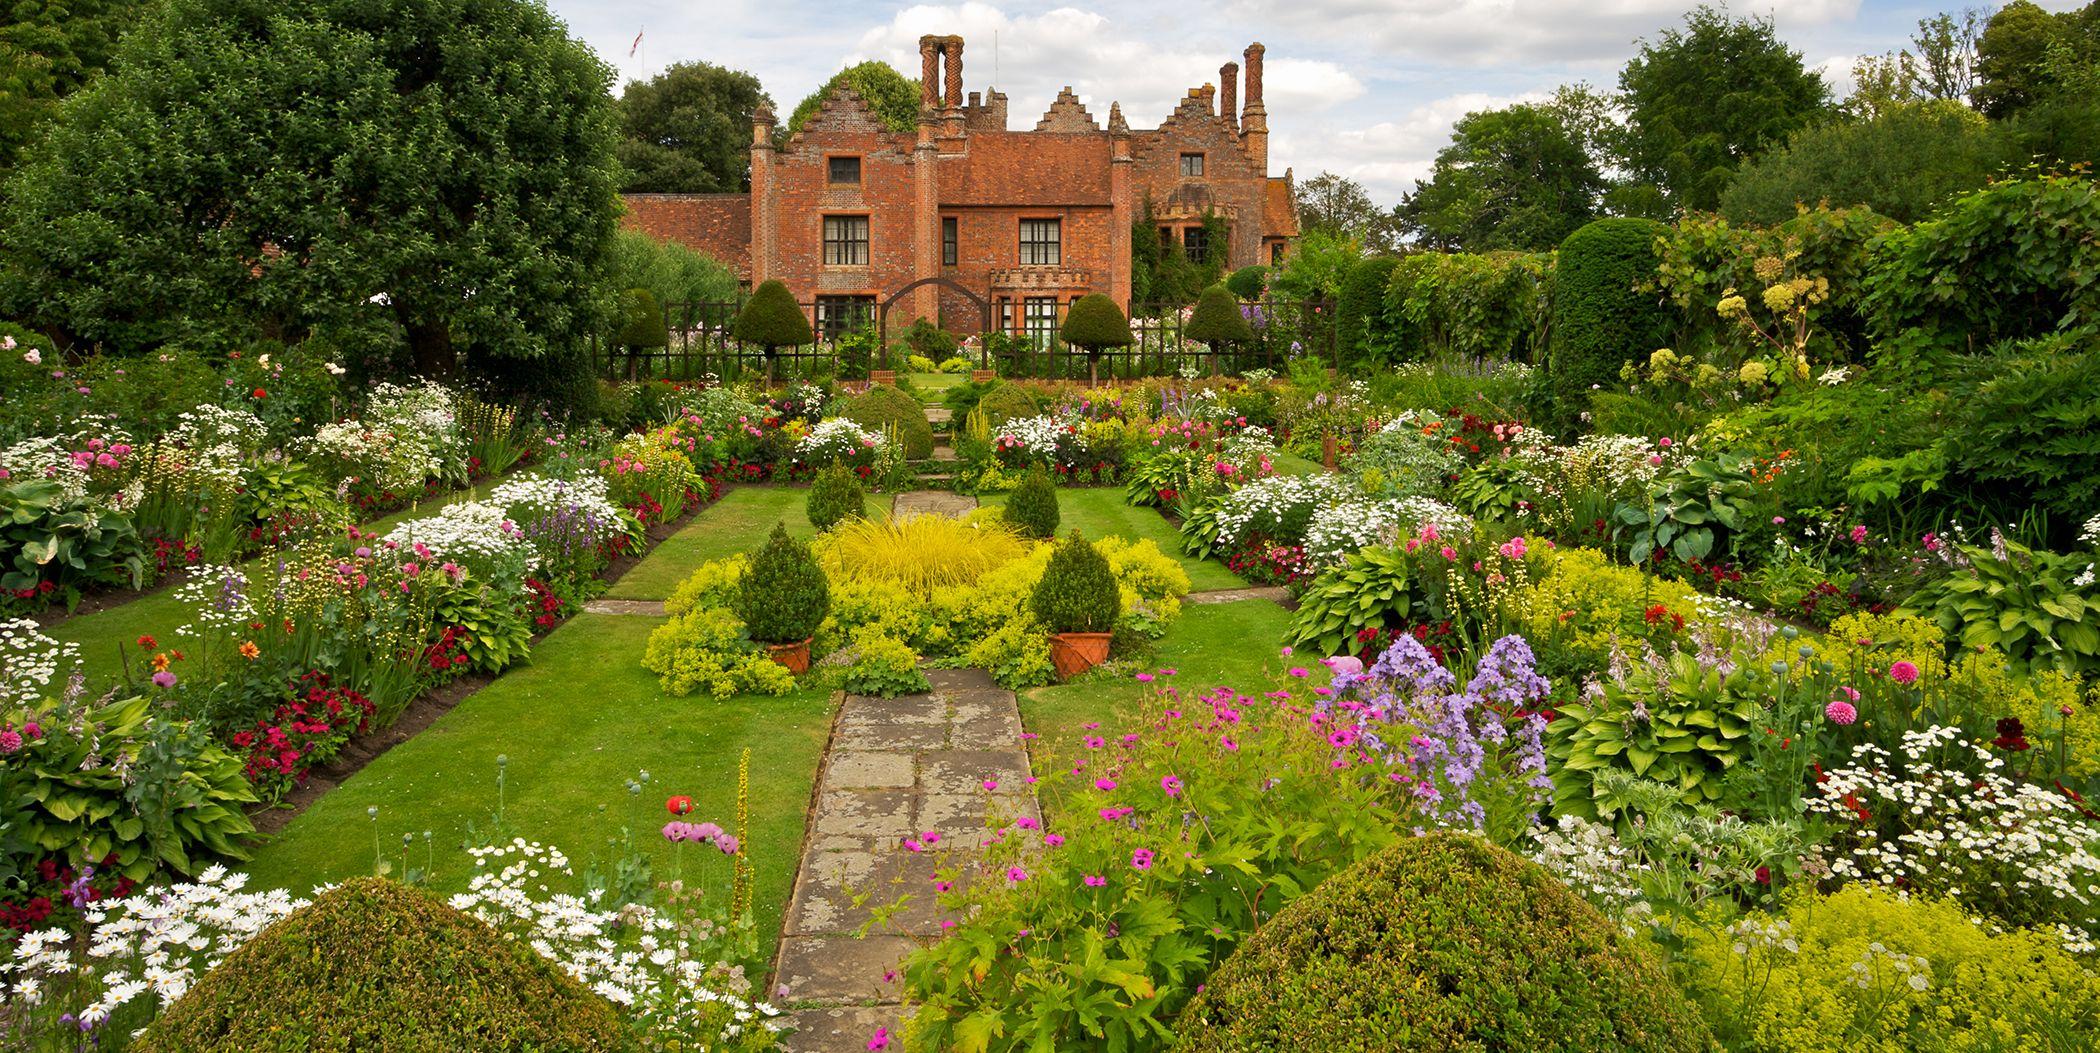 10 English Garden Design Ideas How To Make An English Garden Landscape